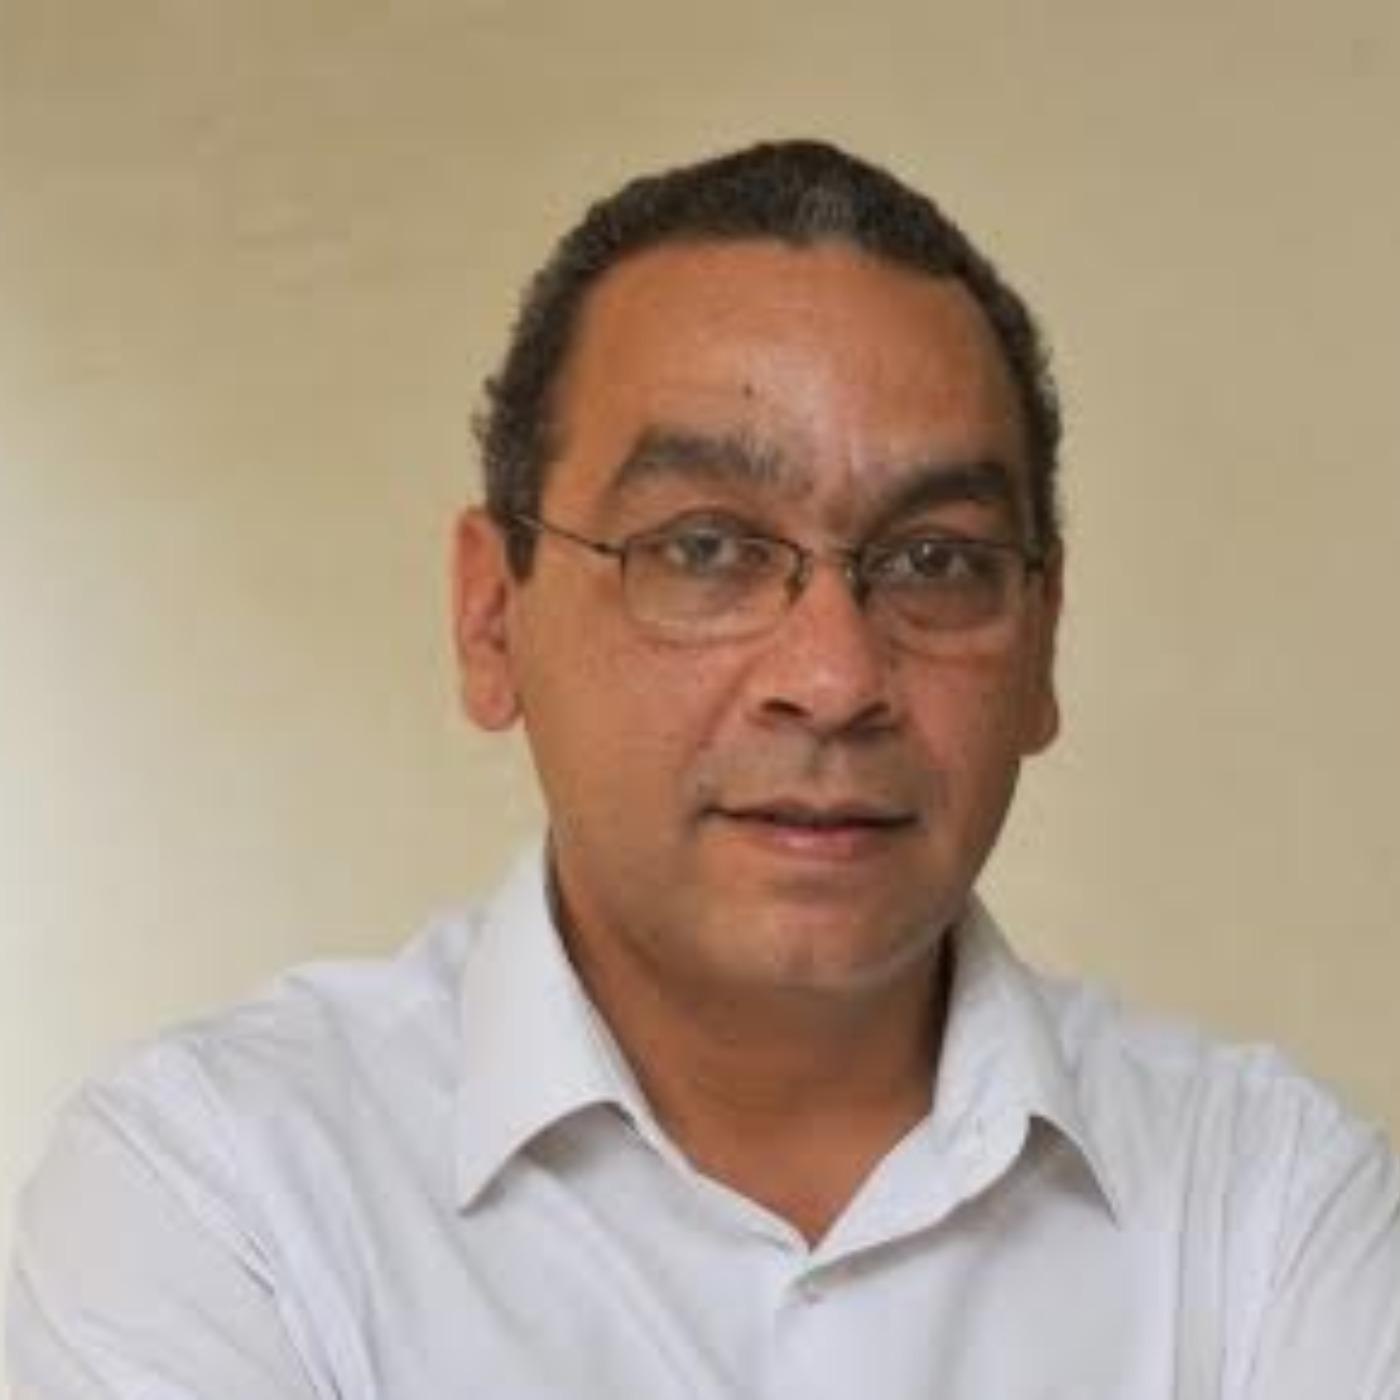 Saâdeddine Elotmani est doué pour la méthode Coué